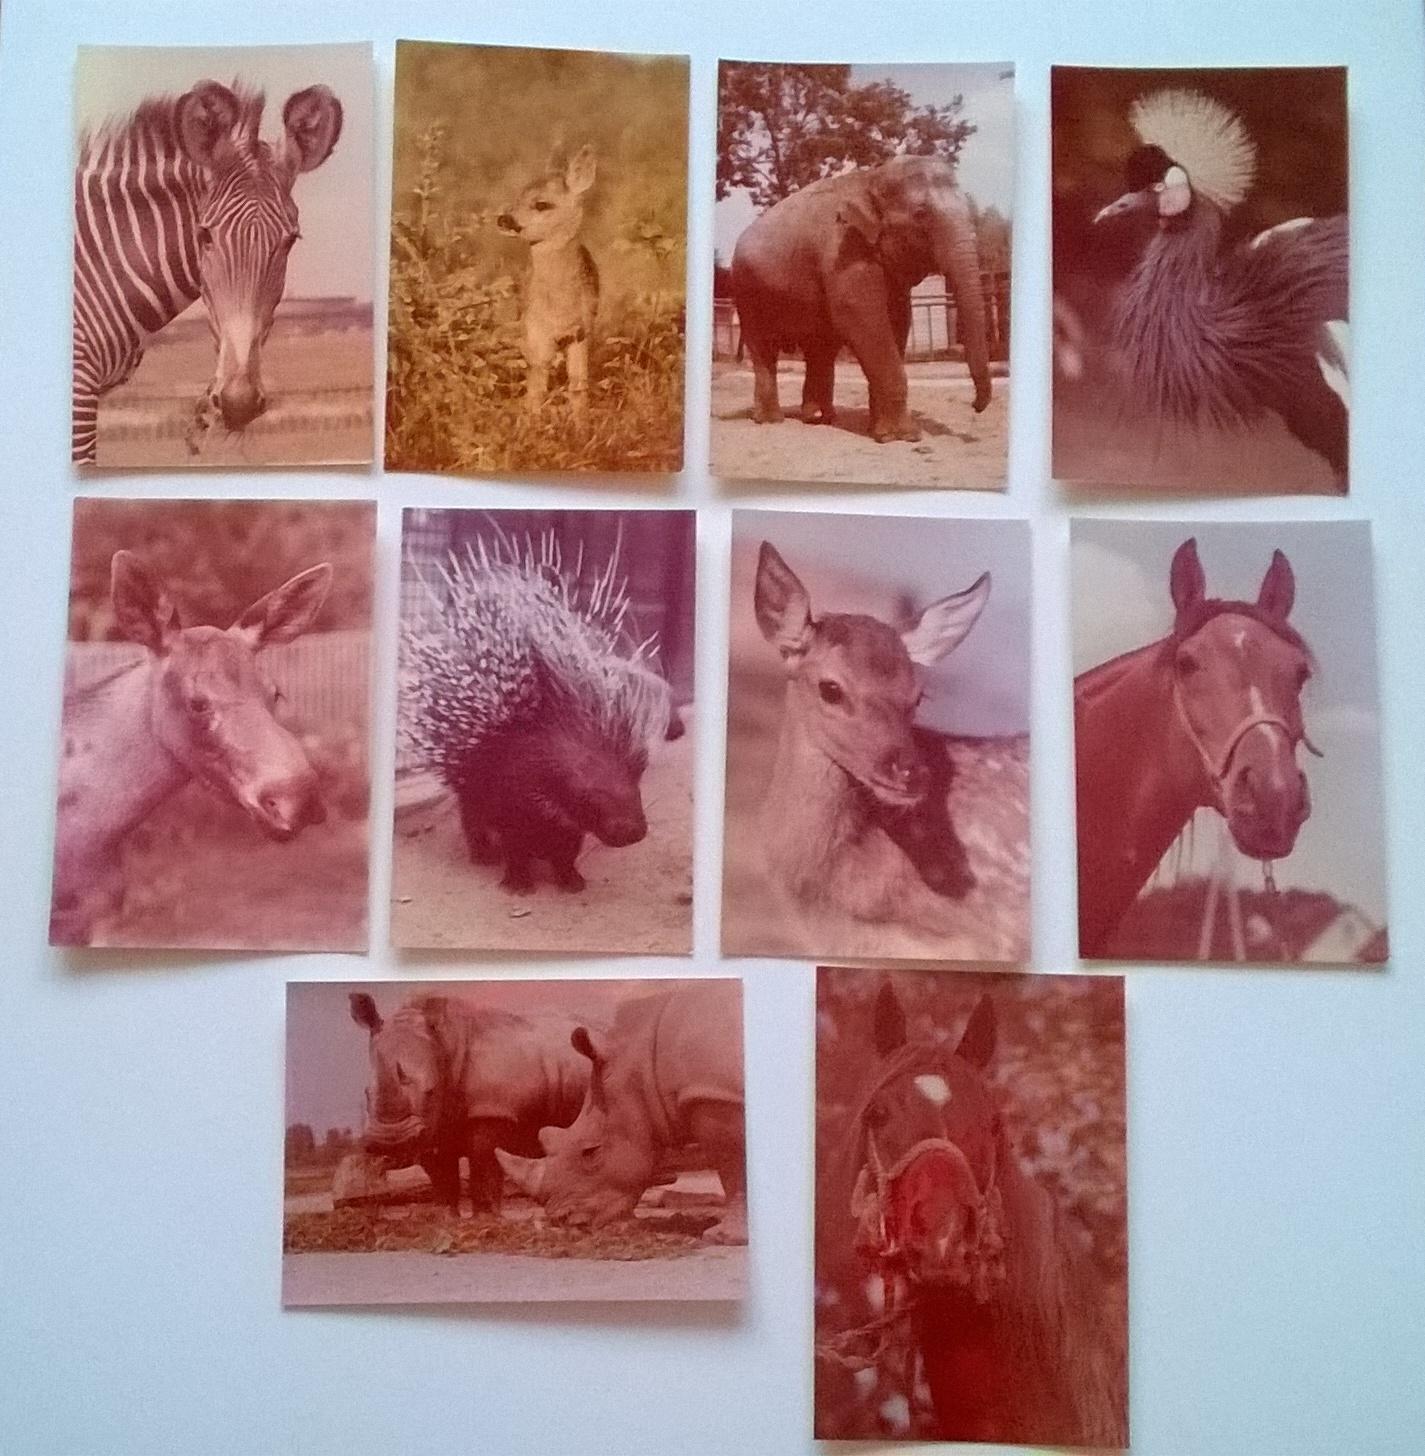 Konie Arabskie Zwierzęta Zoo Słoń Zofia Raczkowska 7210890004